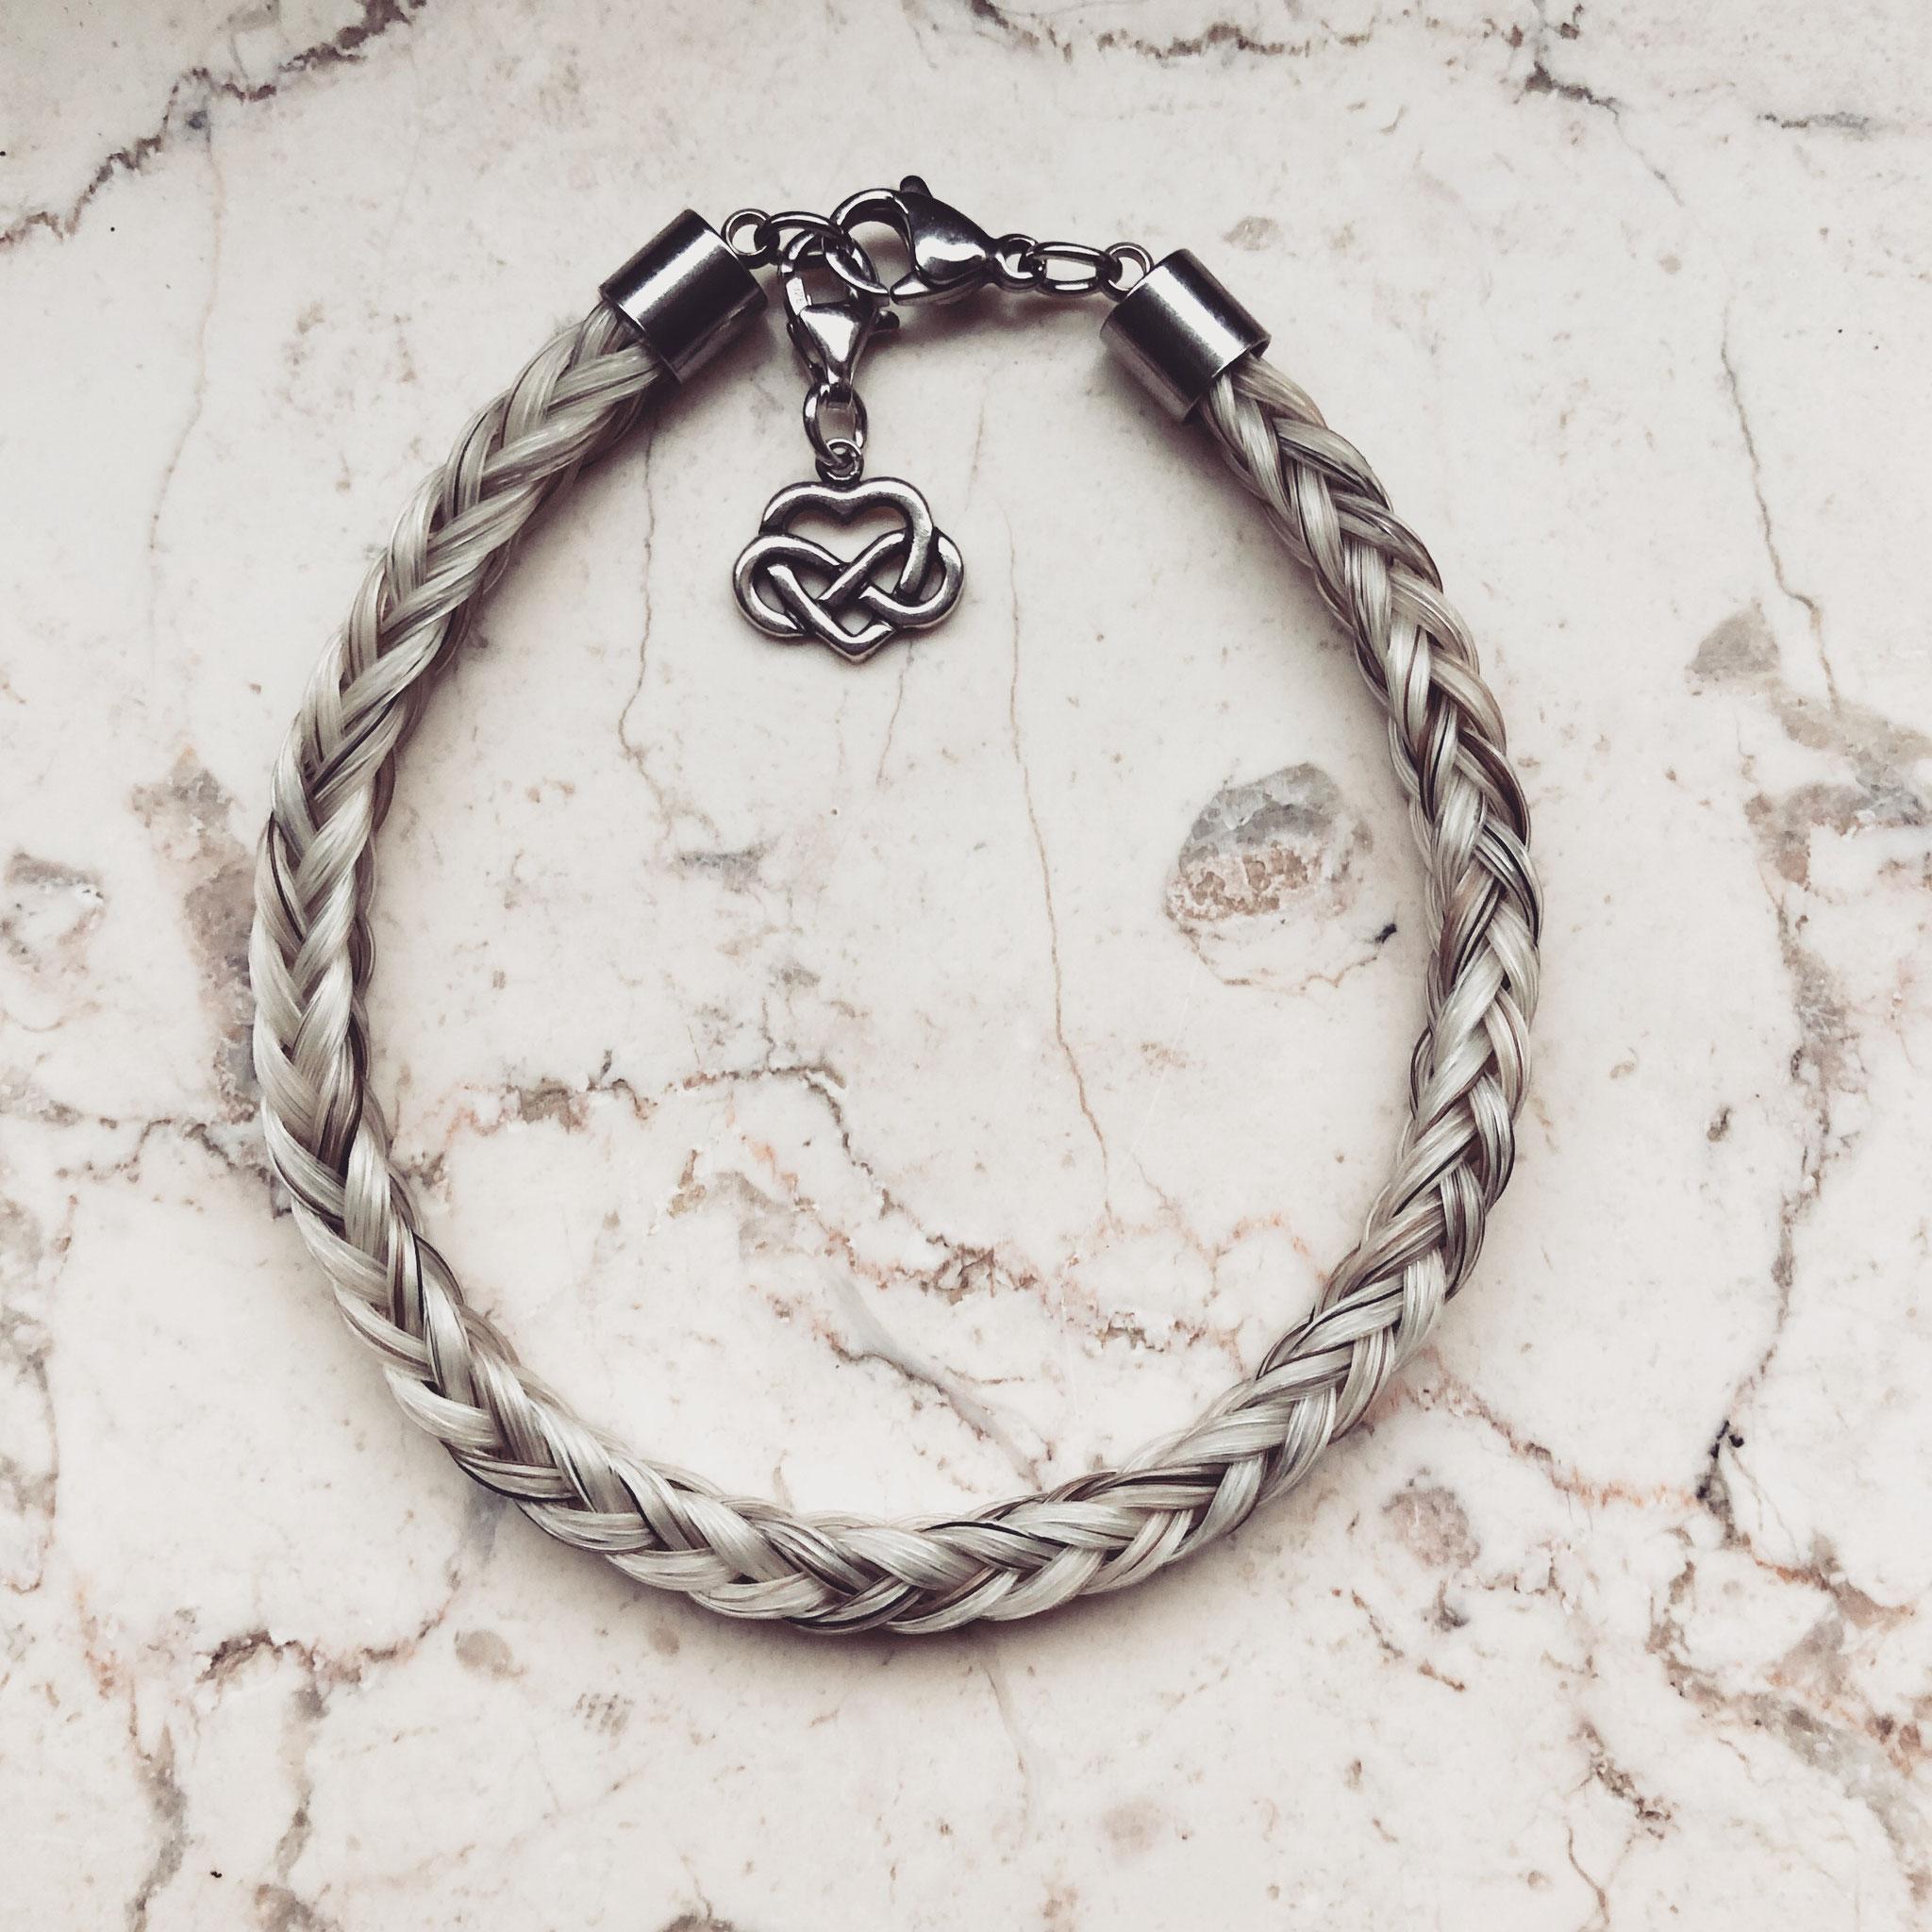 Armband, 8-fach eckig geflochten mit Edelstahl Karabinerverschluss und 925er Charmanhänger.